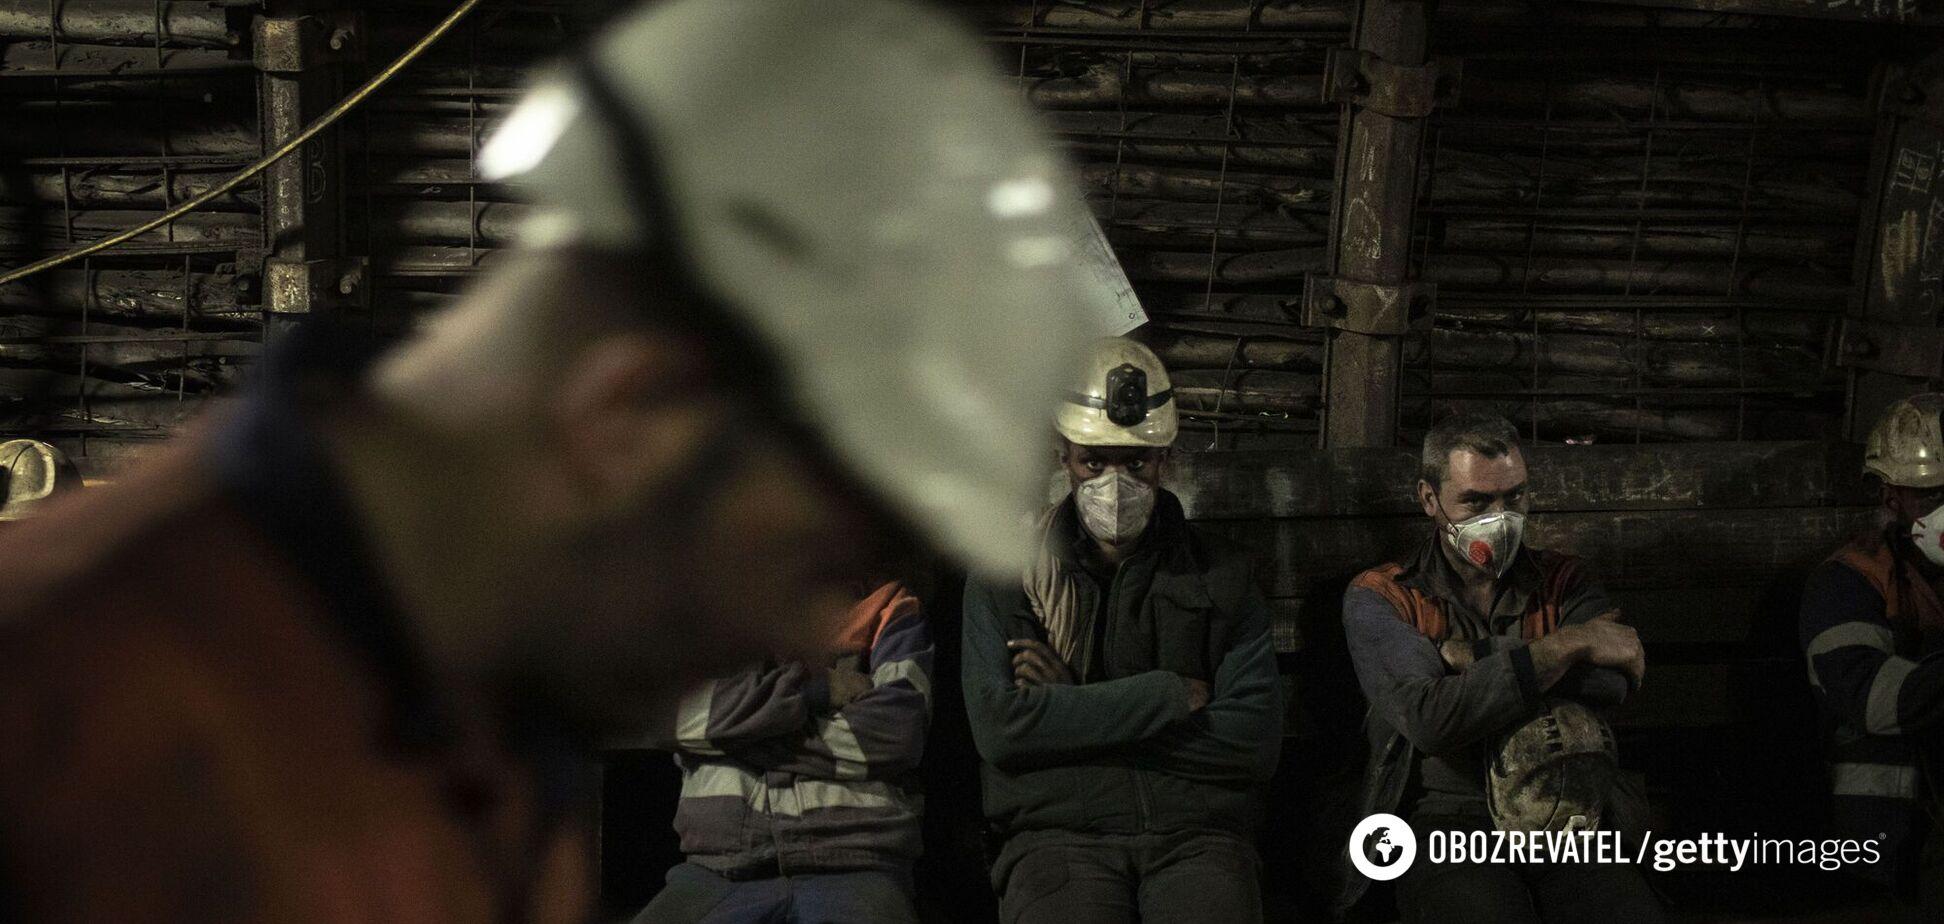 Міненерго пообіцяло виплатити шахтарям понад 830 млн гривень боргів за зарплатами